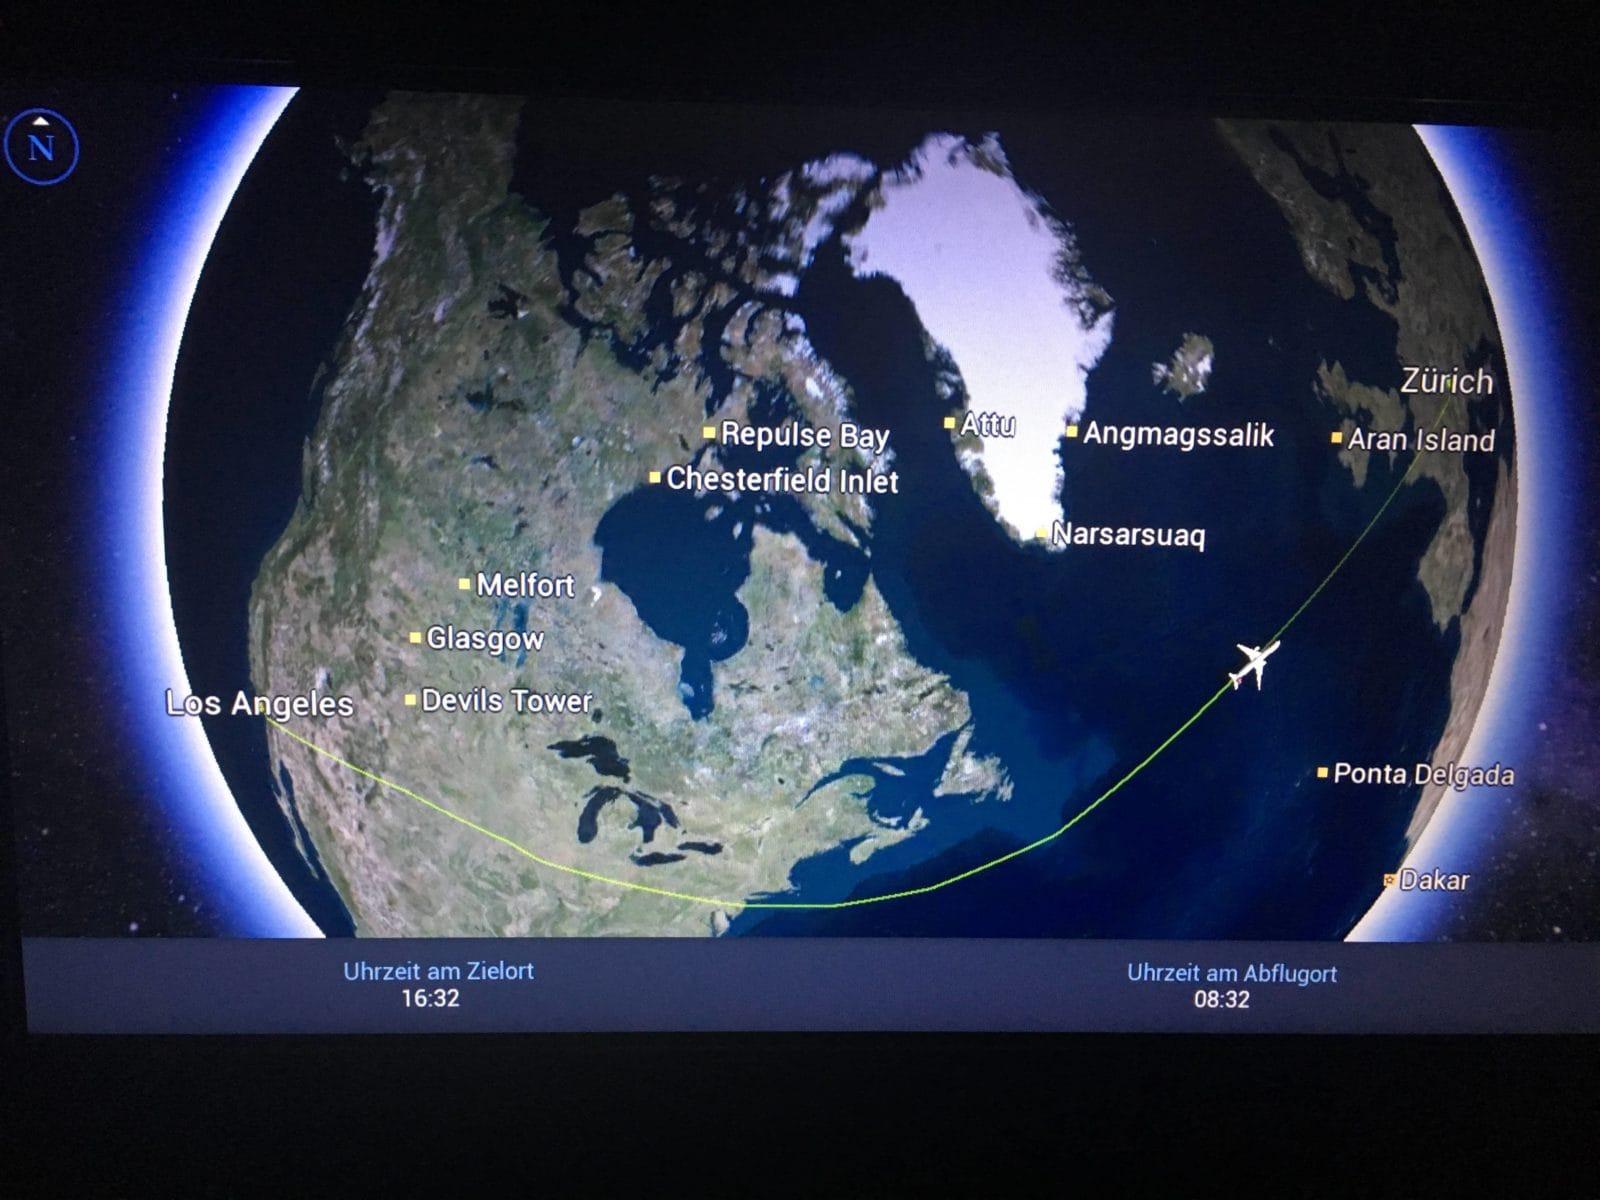 Flugroute von Los Angeles nach Zürich